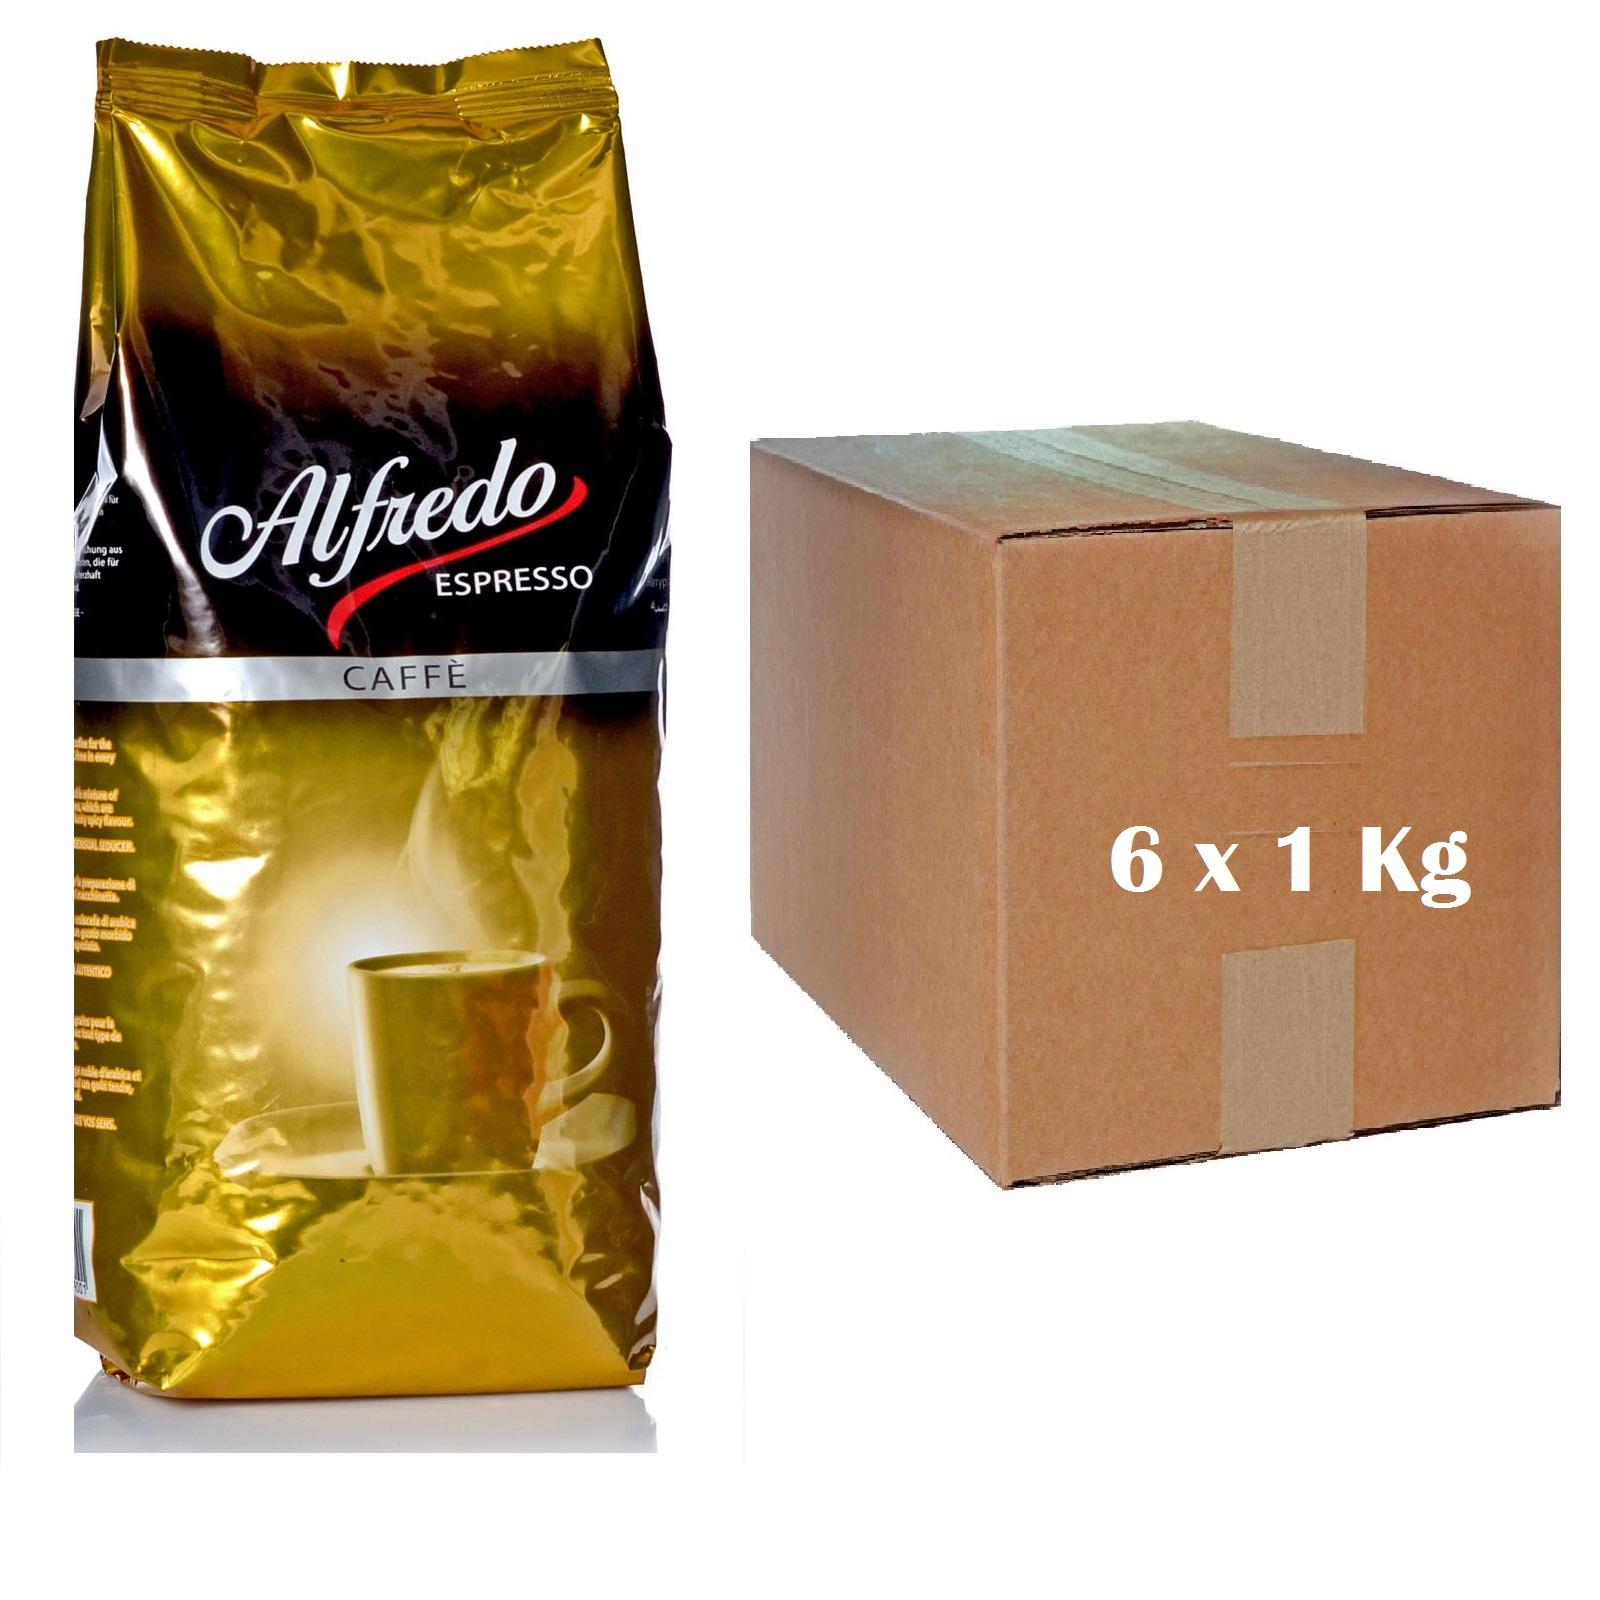 Alfredo Espresso Café Créme 6 x 1 Kg ganze Bohne